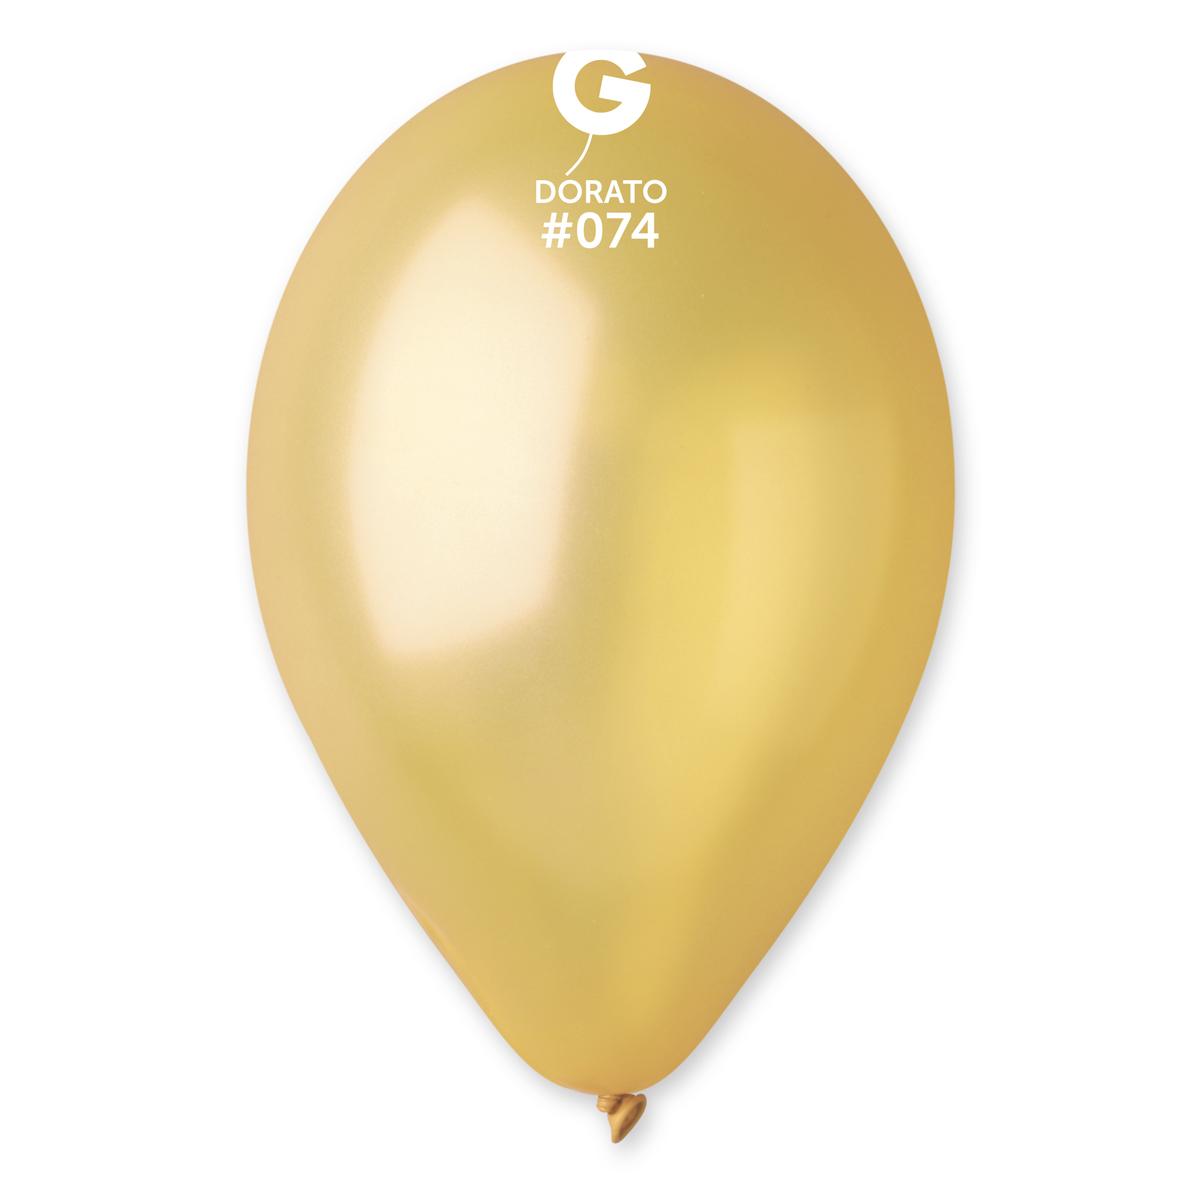 #074 Dorato